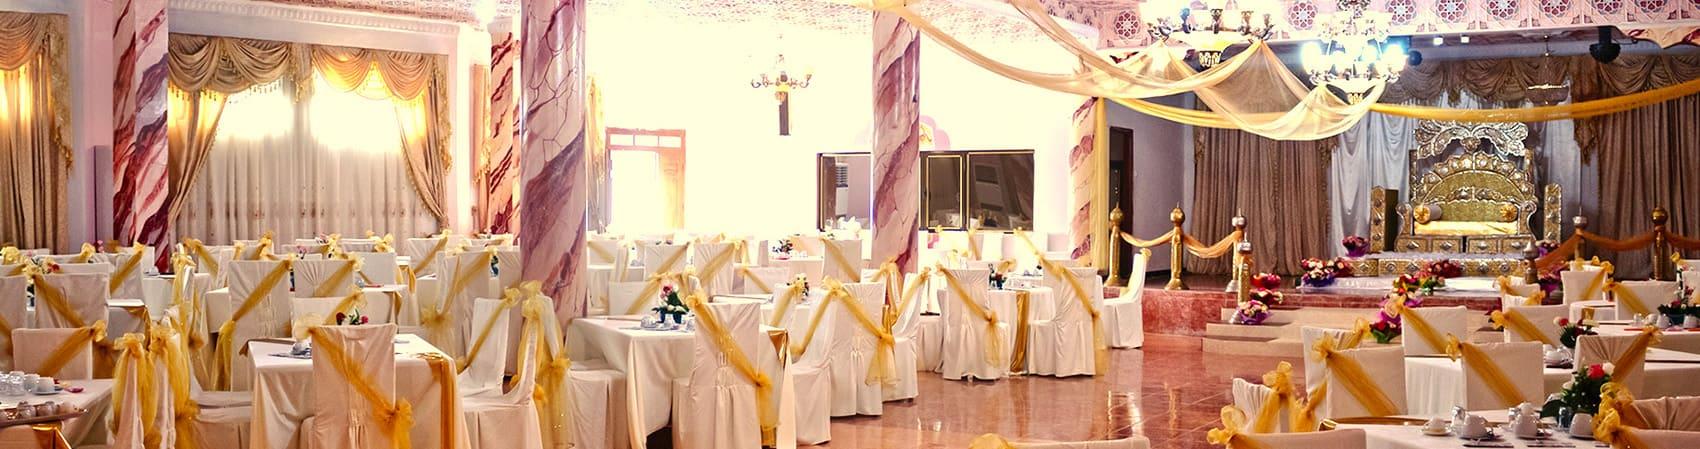 mise-en-place-reception mariages-salle-des fetes-complexe-adim-hotel-boumerdes-complexe-algerie-hotel-Zemmouri-El Bahri-Zemmouri-Algerie-slidermise-en-place-reception mariages-salle-des fetes-complexe-adim-hotel-boumerdes-complexe-algerie-hotel-Zemmouri-El Bahri-Zemmouri-Algerie-slider